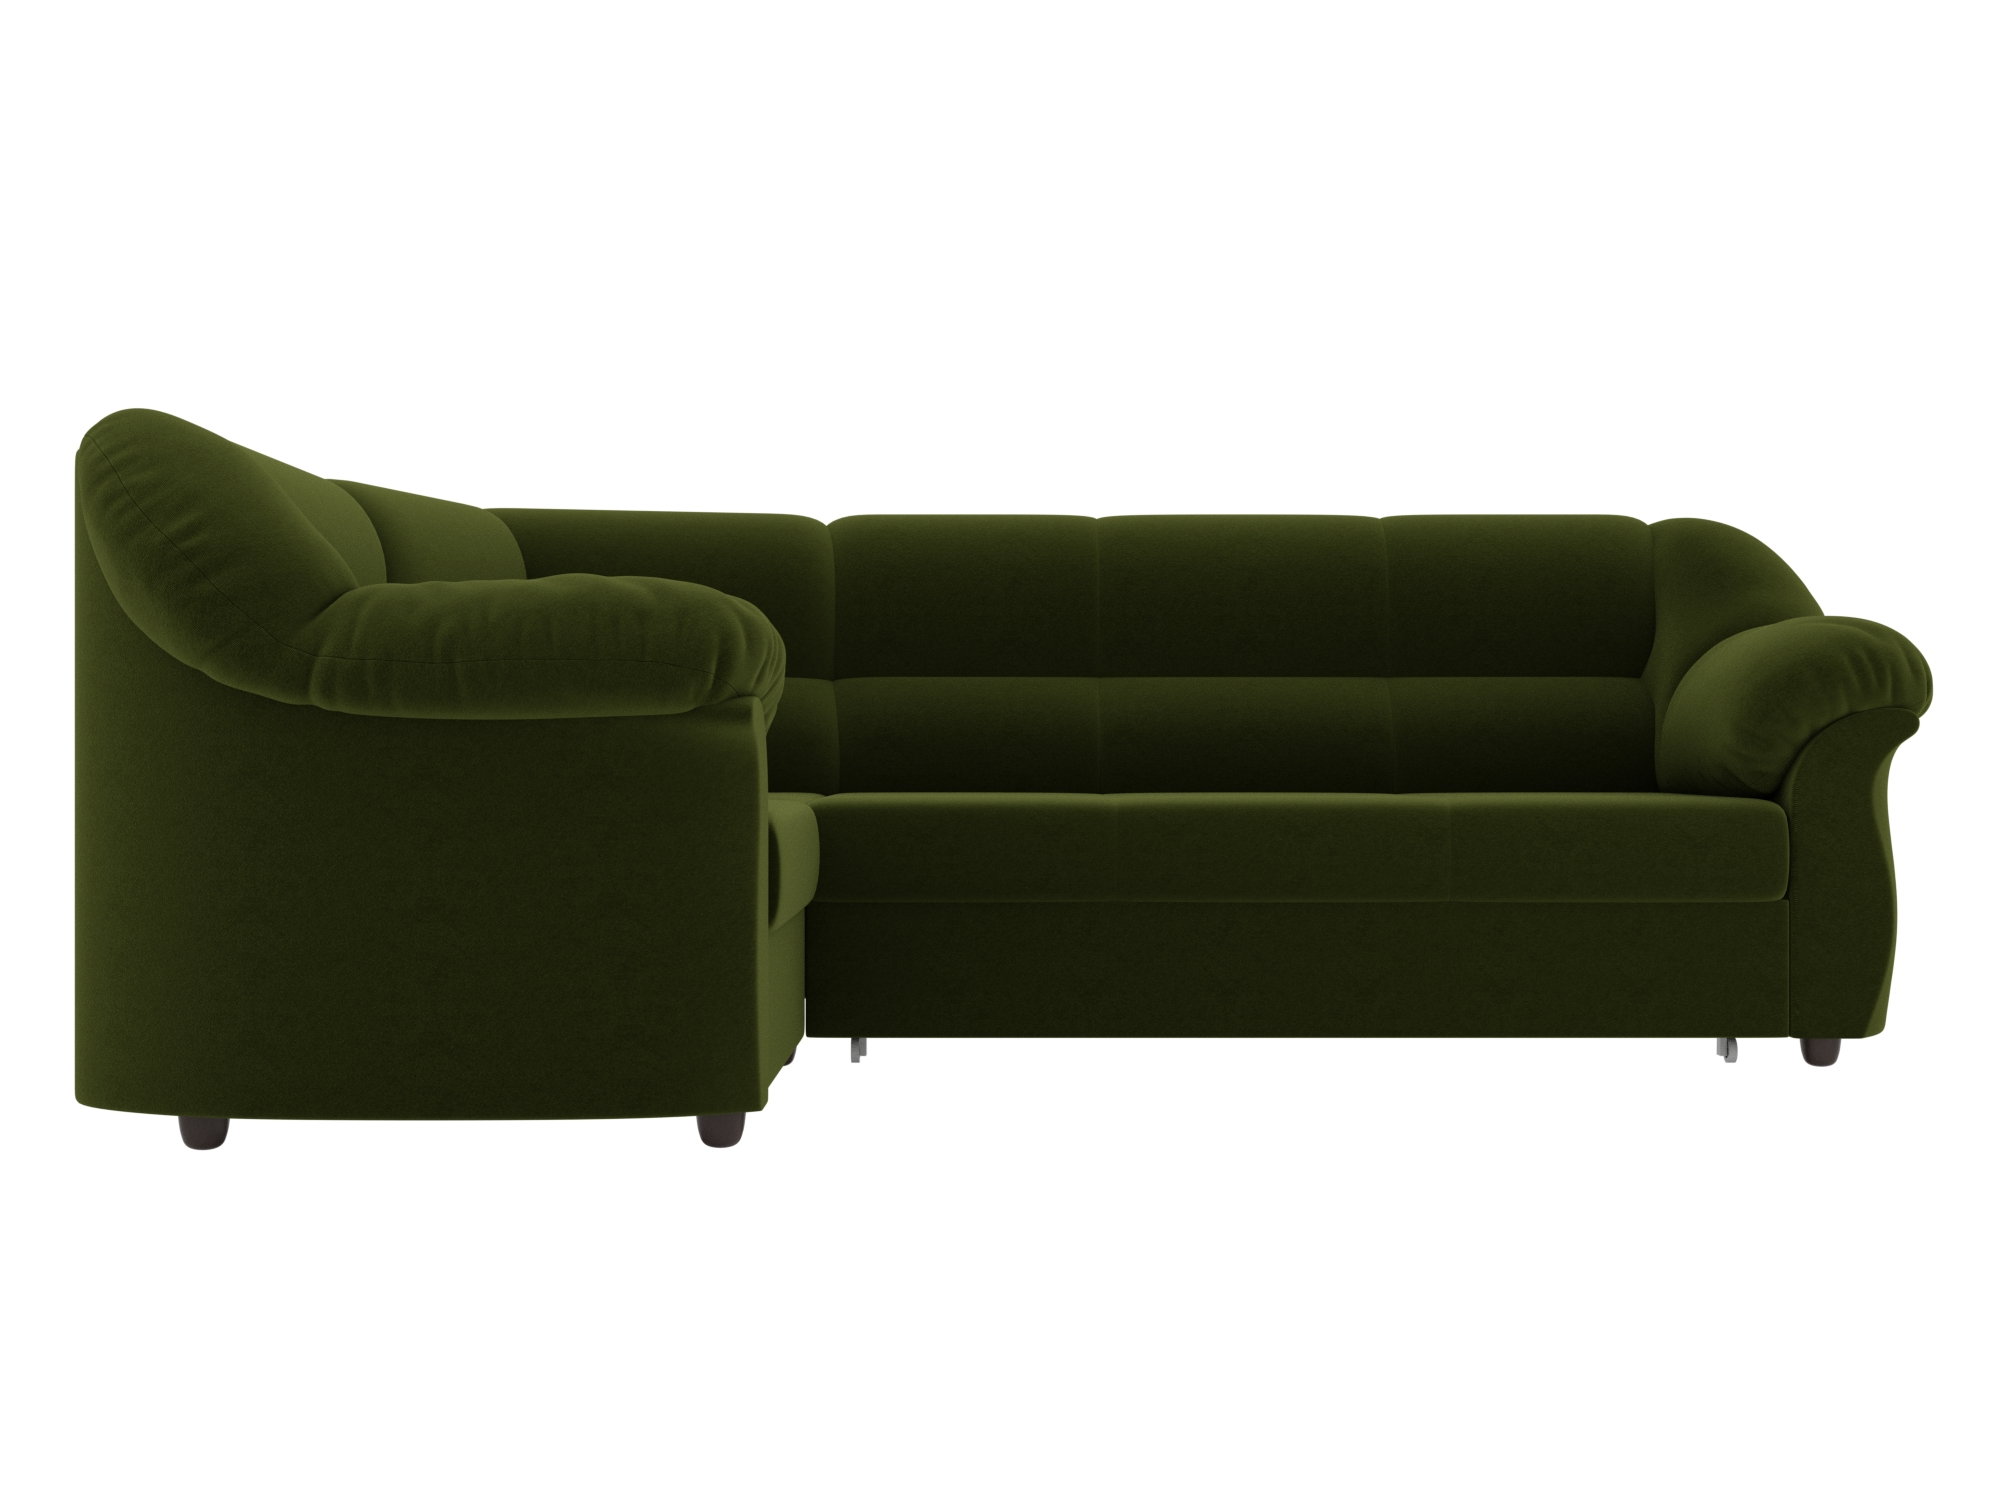 Угловой диван Карнелла Левый MebelVia Зеленый